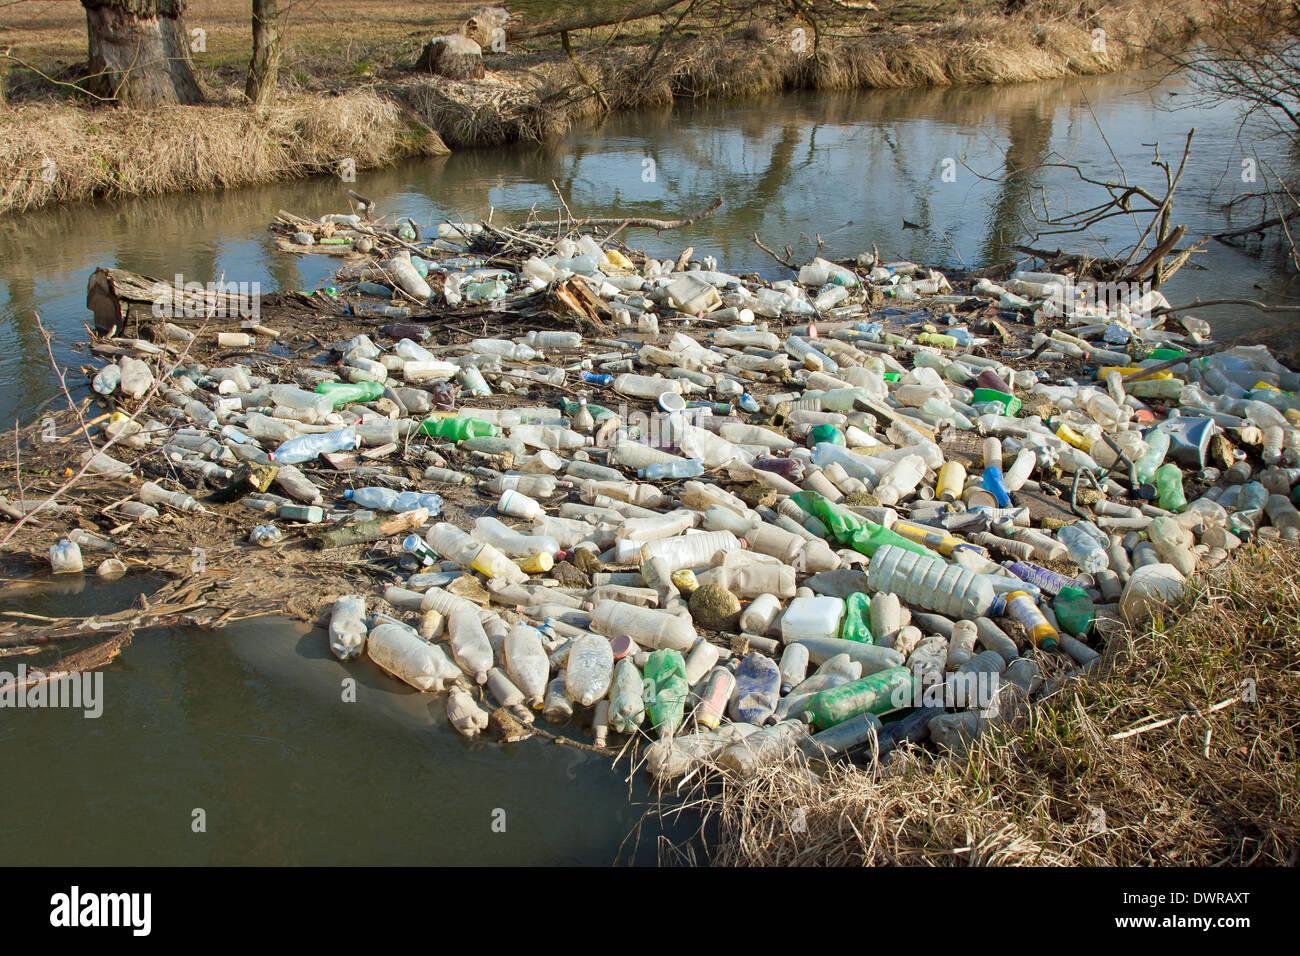 Inquinamento ambientale. Plastica, vetro e metallo Rifiuti nel fiume a inizio primavera Immagini Stock